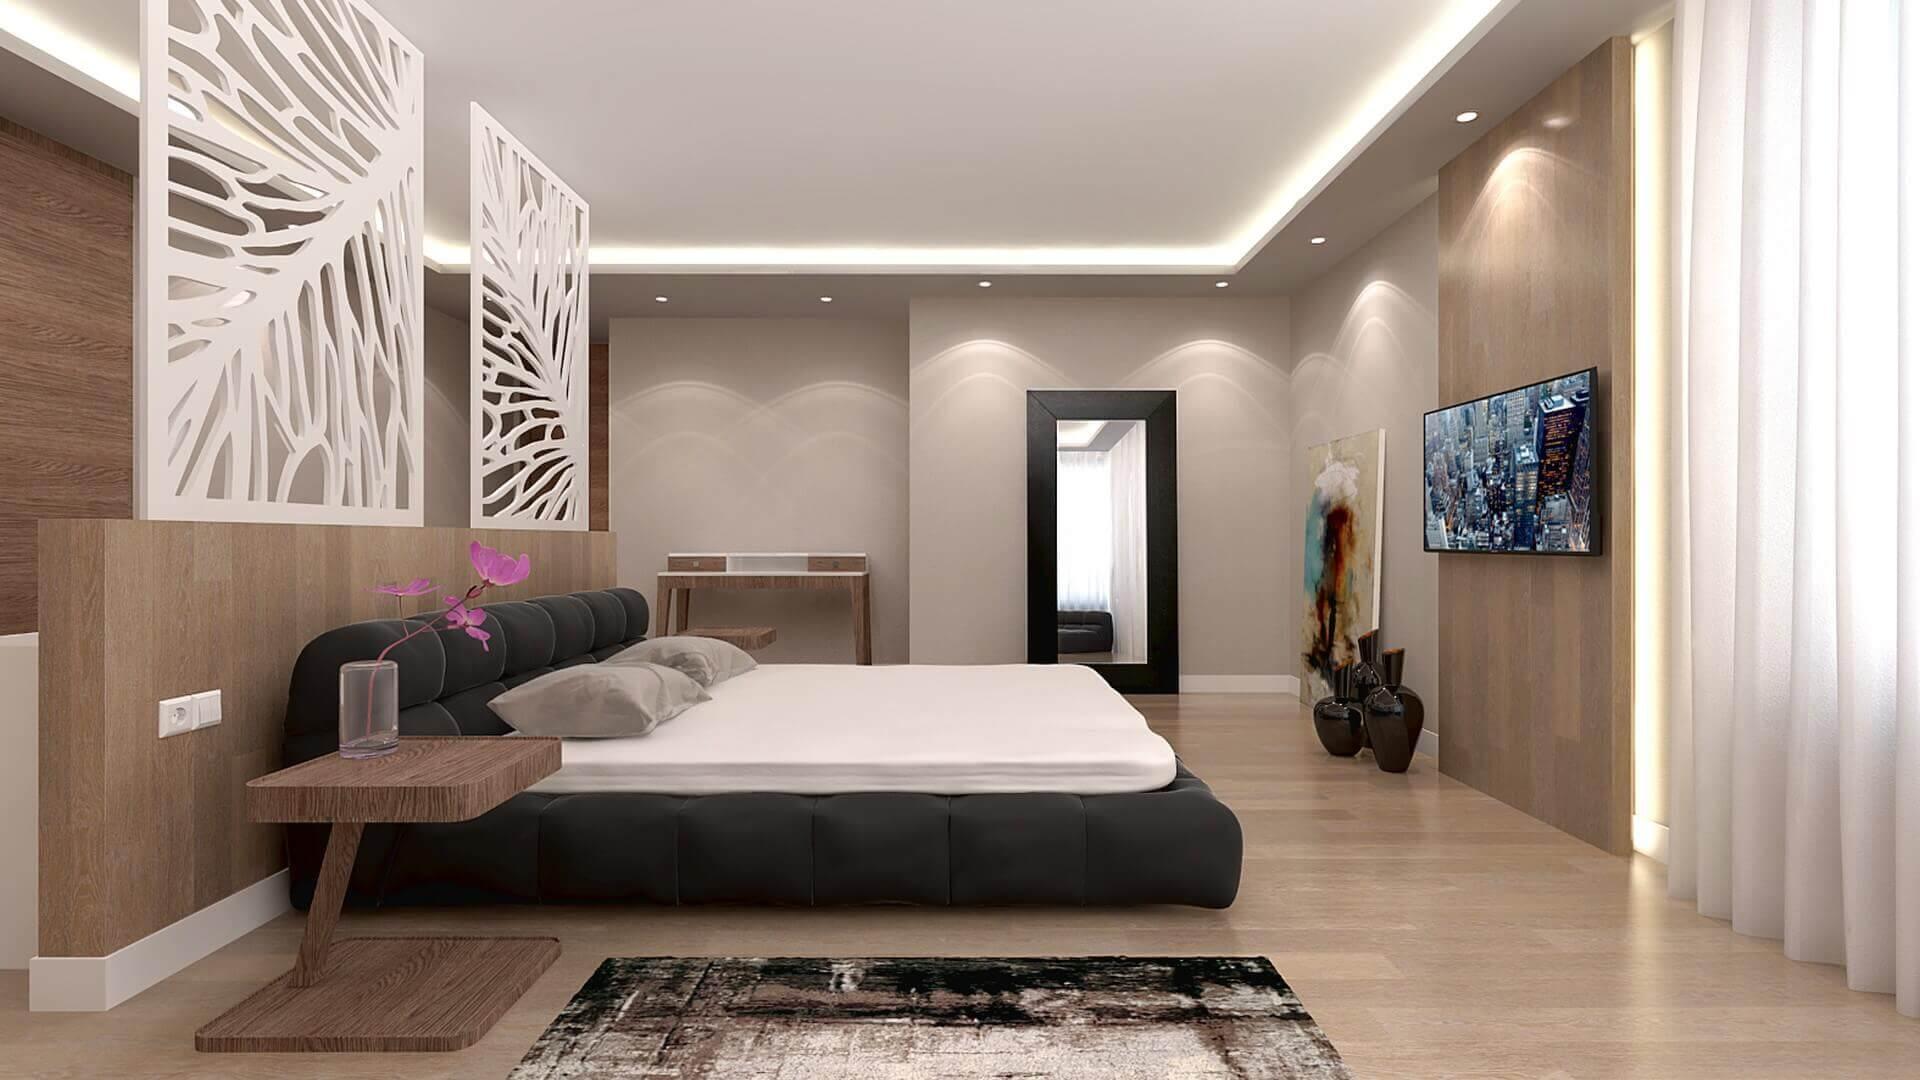 home inspiration 2985 E. Uslu Konutu Residential